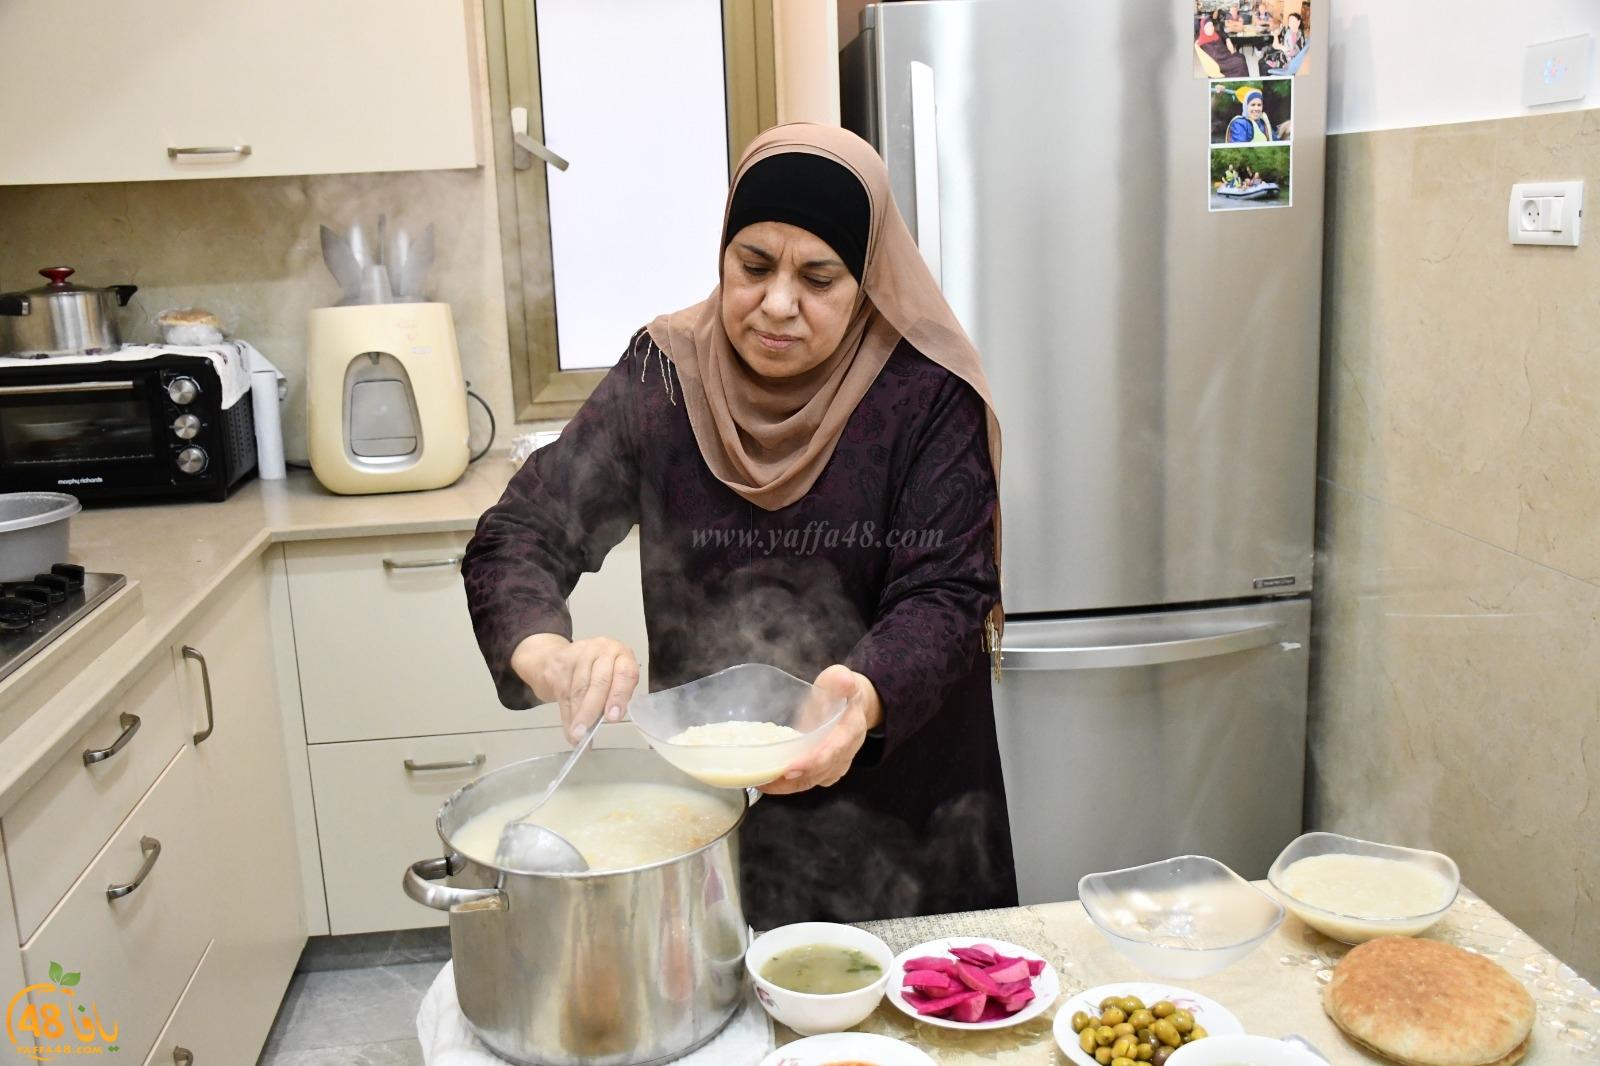 شاهد  الكشك .. الحلقة السابعة من برنامج مطبخنا اليافيّ